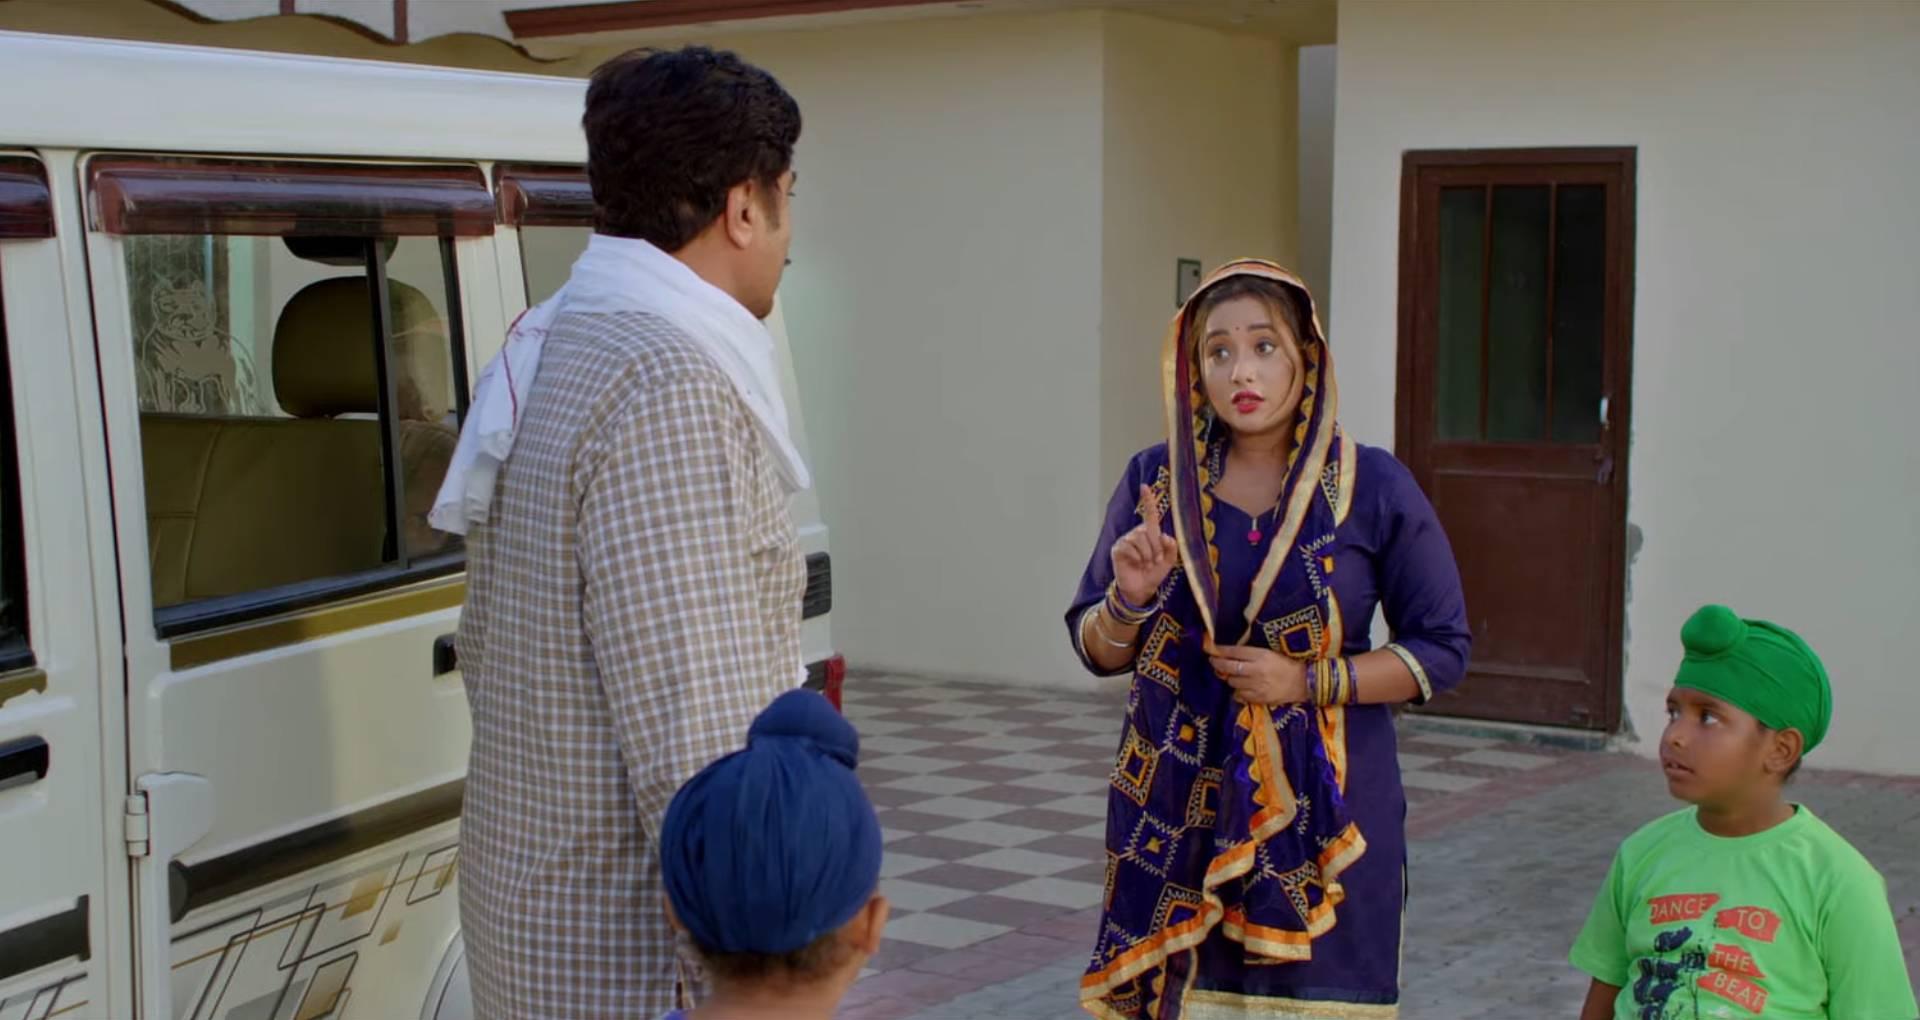 रानी चटर्जी की पहली पंजाबी फिल्म आसरा का ट्रेलर लॉन्च, पंजाब की इस बड़ी परेशानी से लड़ती दिखीं भोजपुरी क्वीन